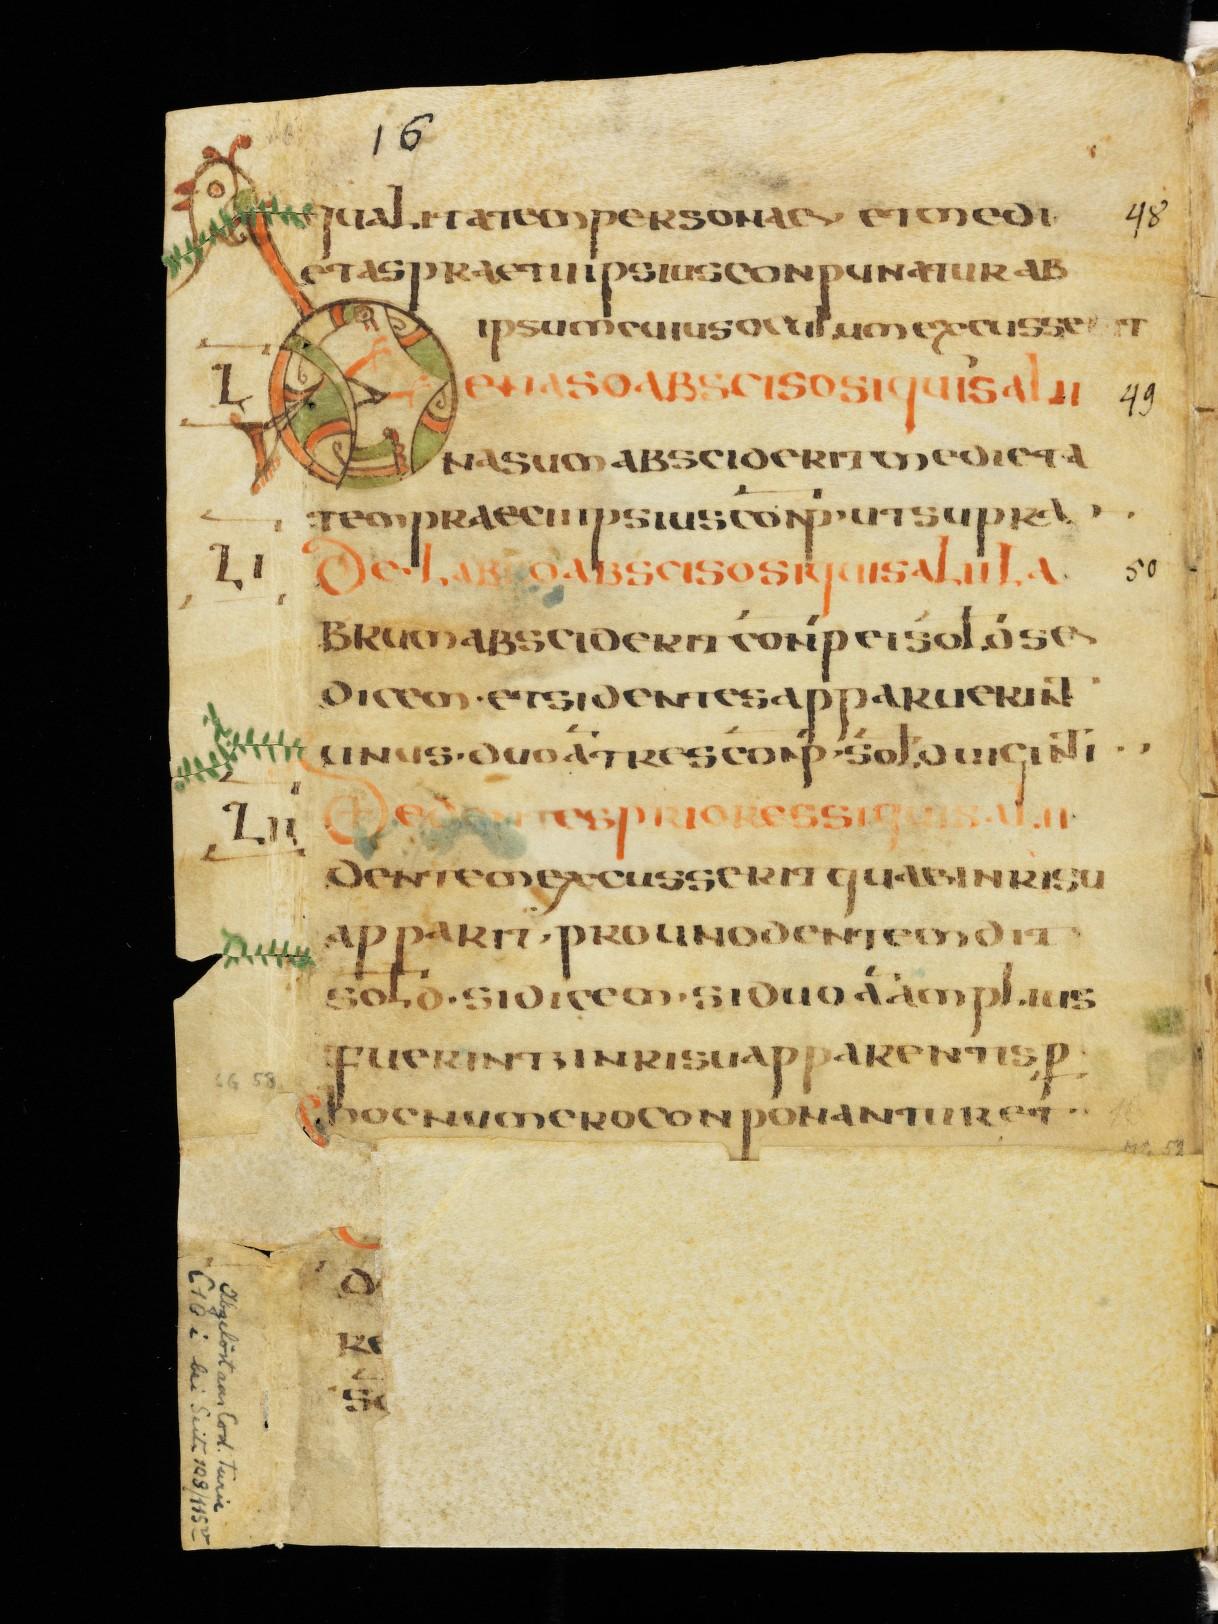 Cod. Sang. 730, p. 16